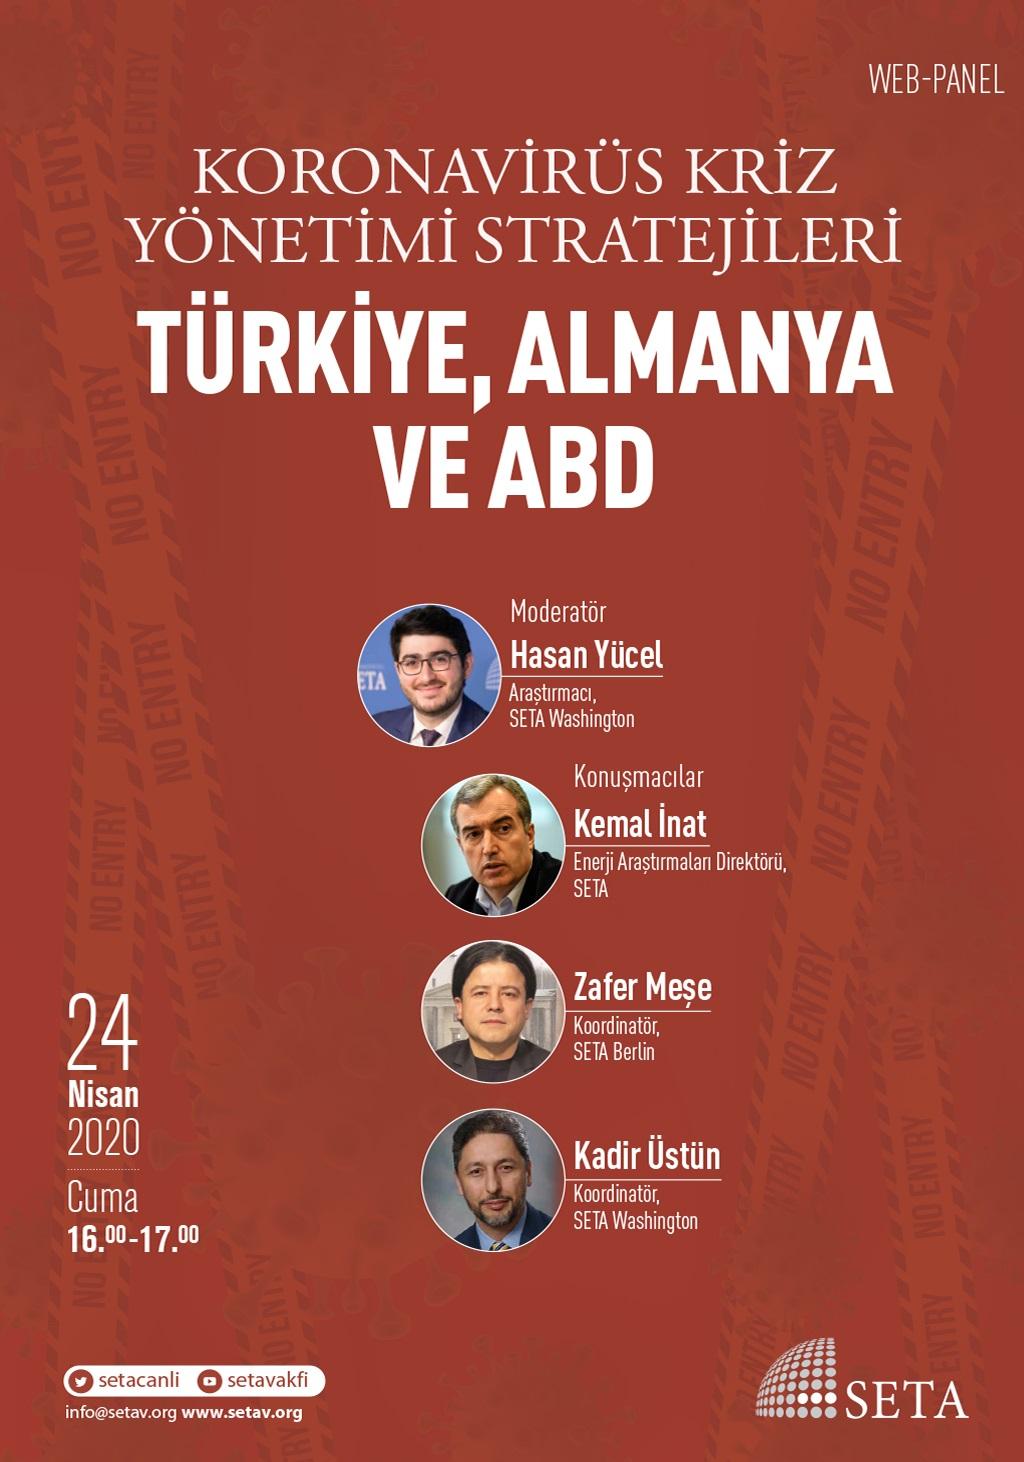 Web Panel: Koronavirüs Kriz Yönetimi Stratejileri   Türkiye, Almanya ve ABD